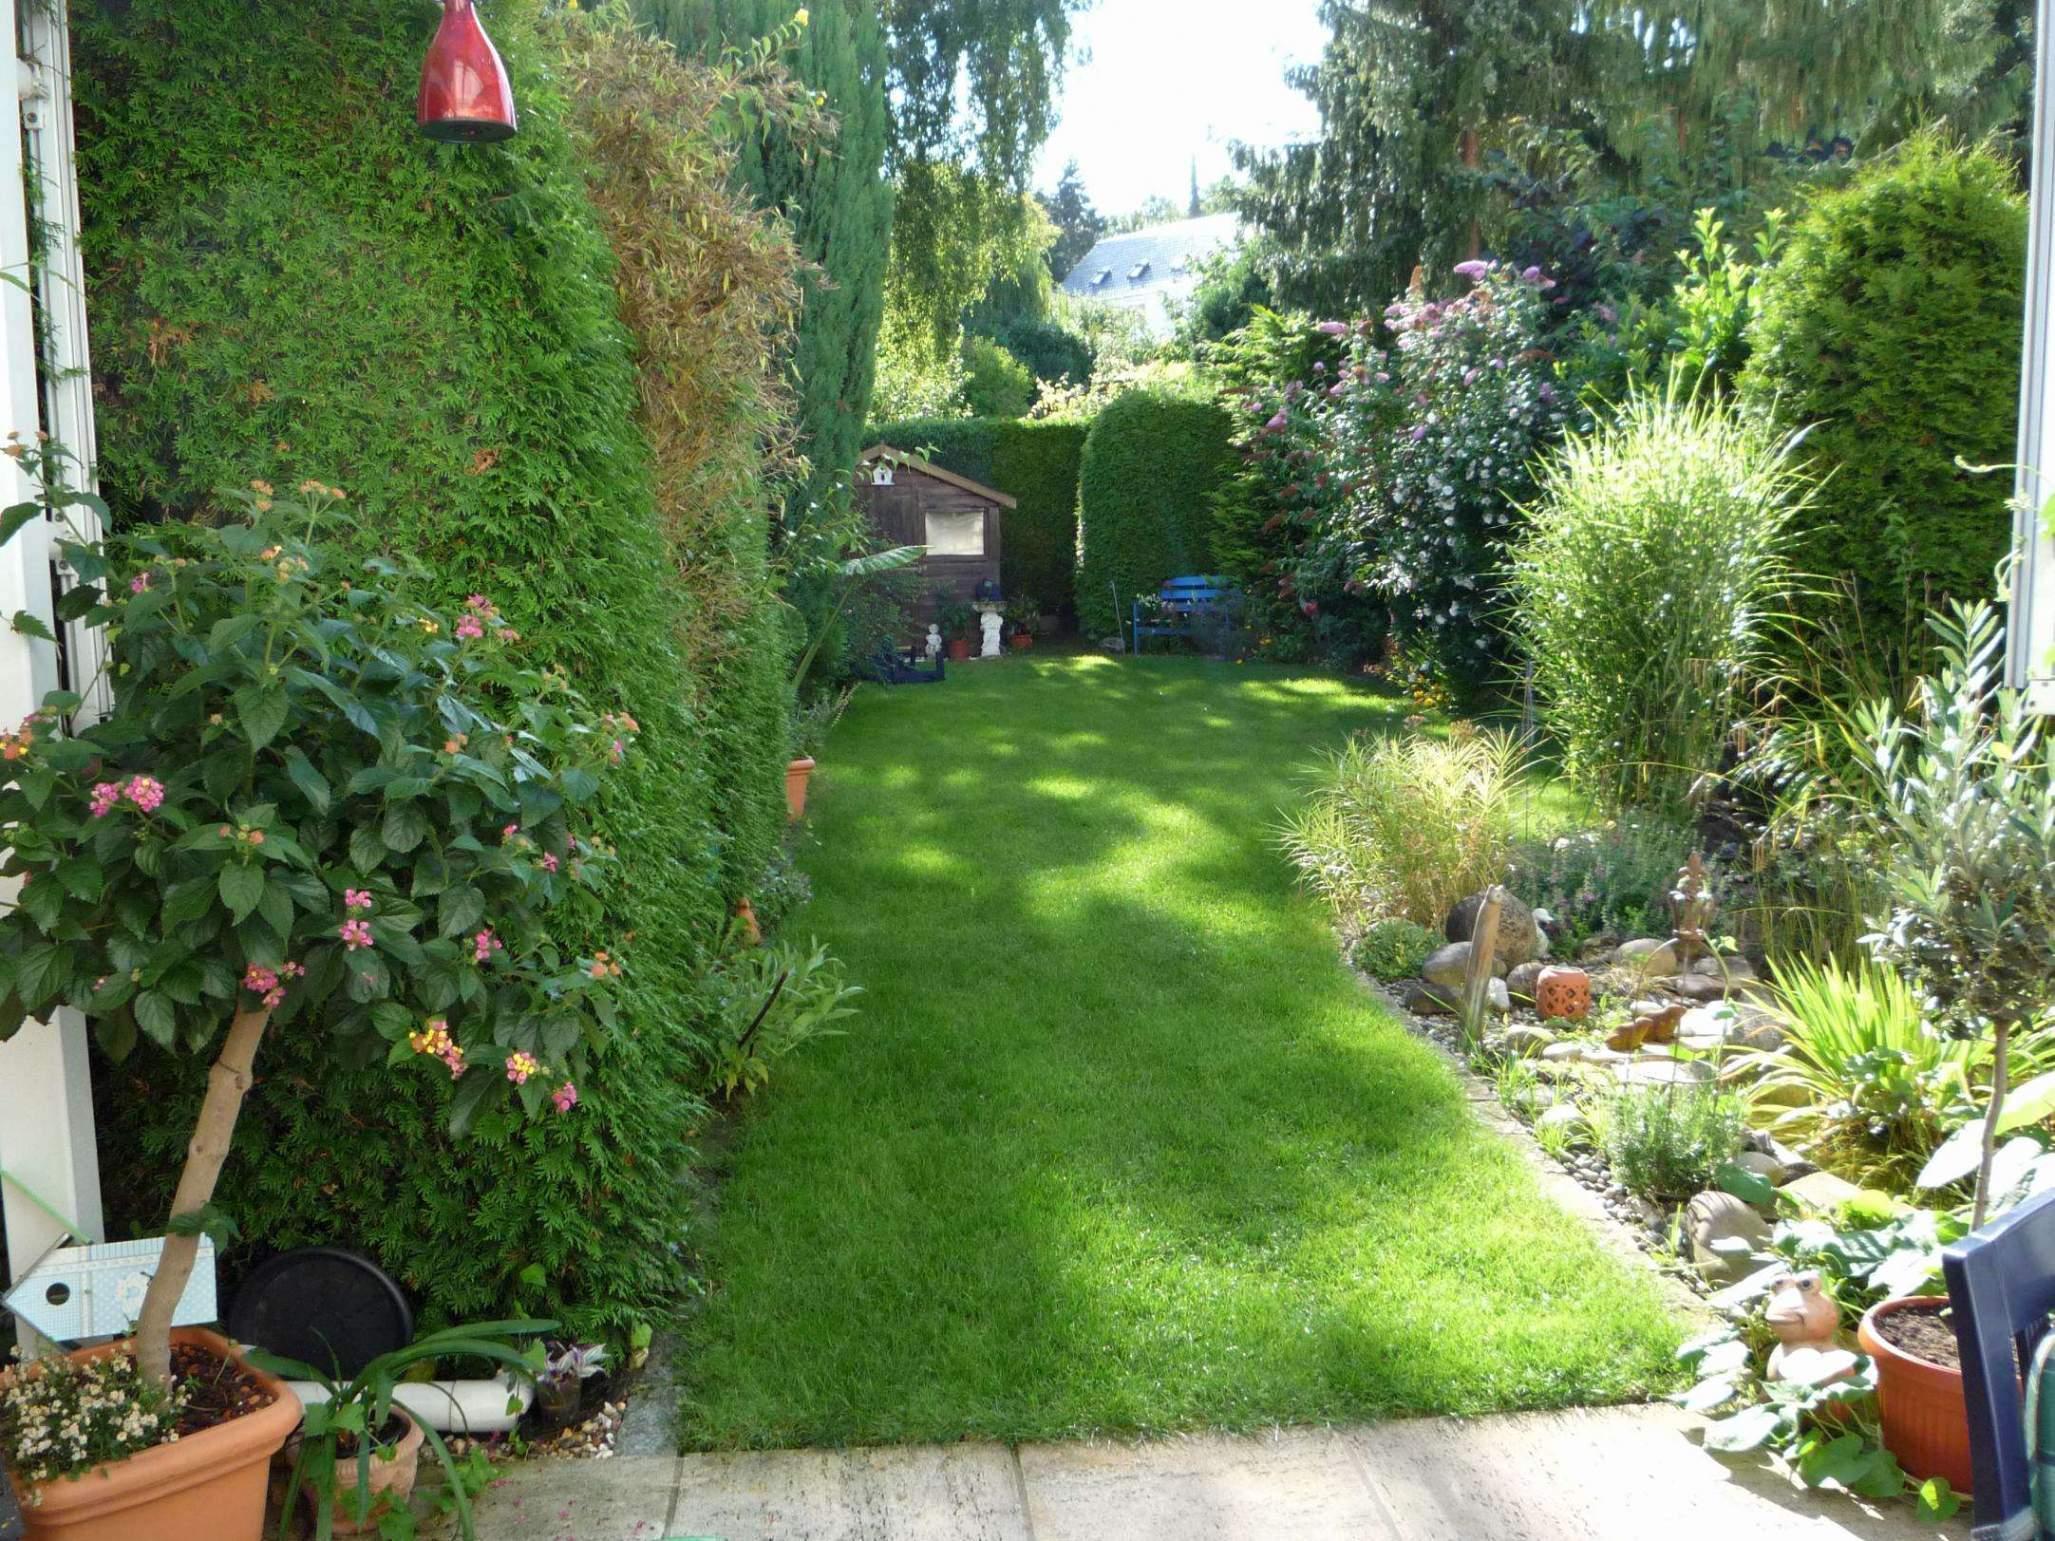 weinreben im garten elegant sichtschutz zum bepflanzen temobardz home blog of weinreben im garten